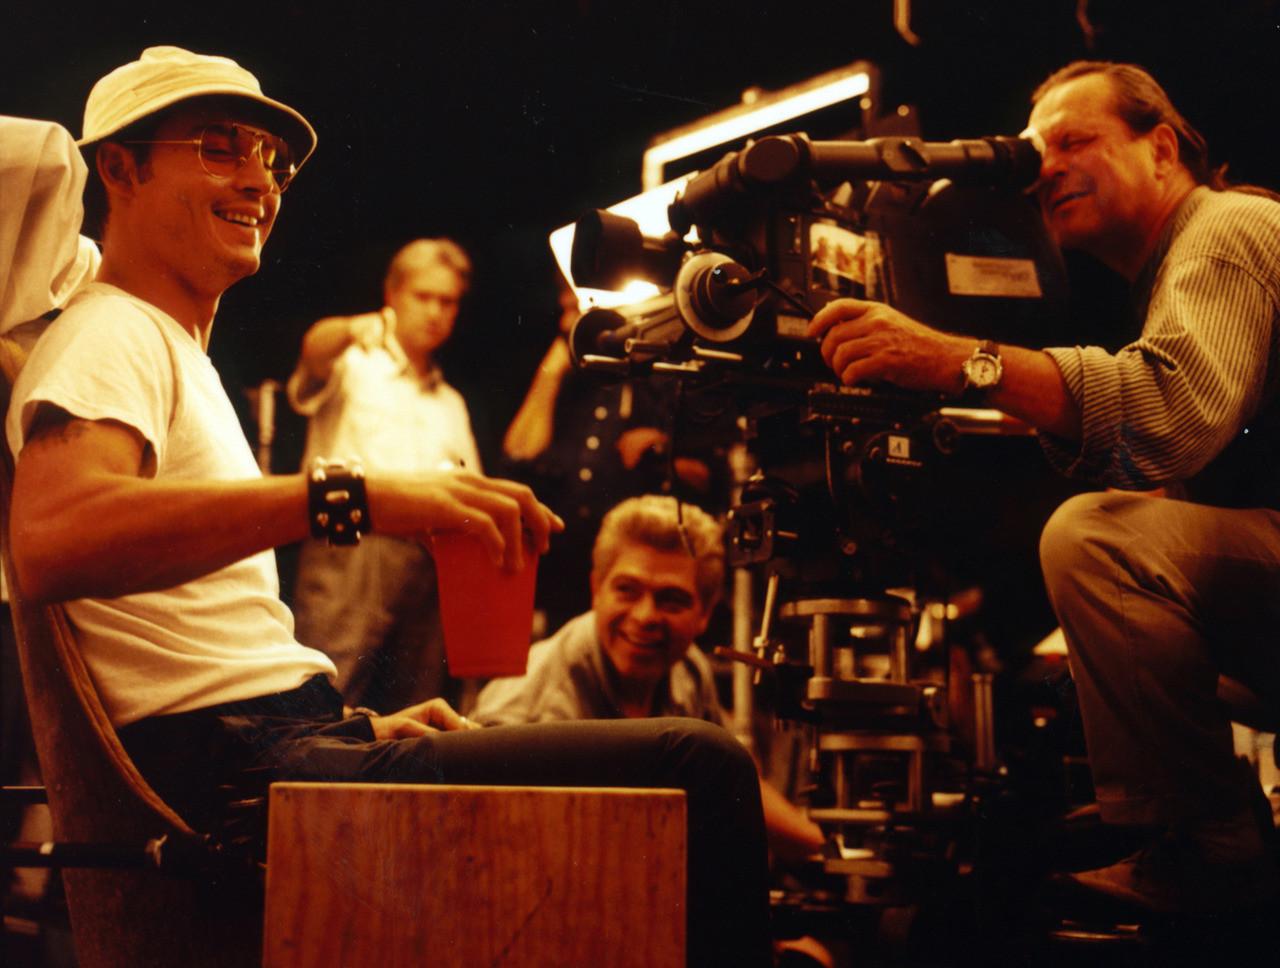 Джонни Депп на съемках фильма «Страх и ненависть в Лас-Вегасе», 1997 год